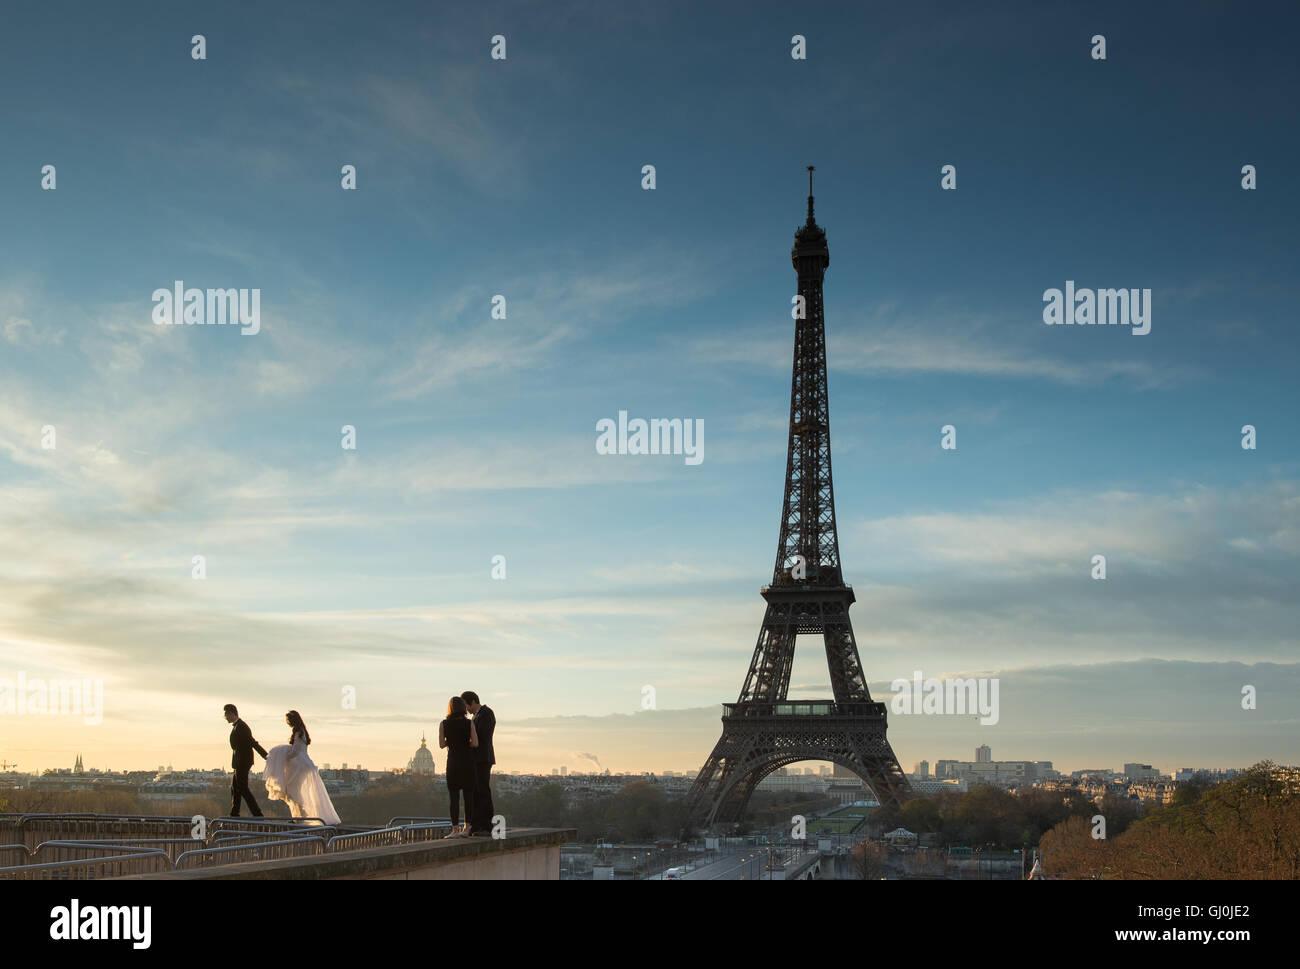 Hochzeitsfotografie in das Palais de Chaillot mit dem Eiffelturm als Kulisse, Paris, Frankreich Stockbild